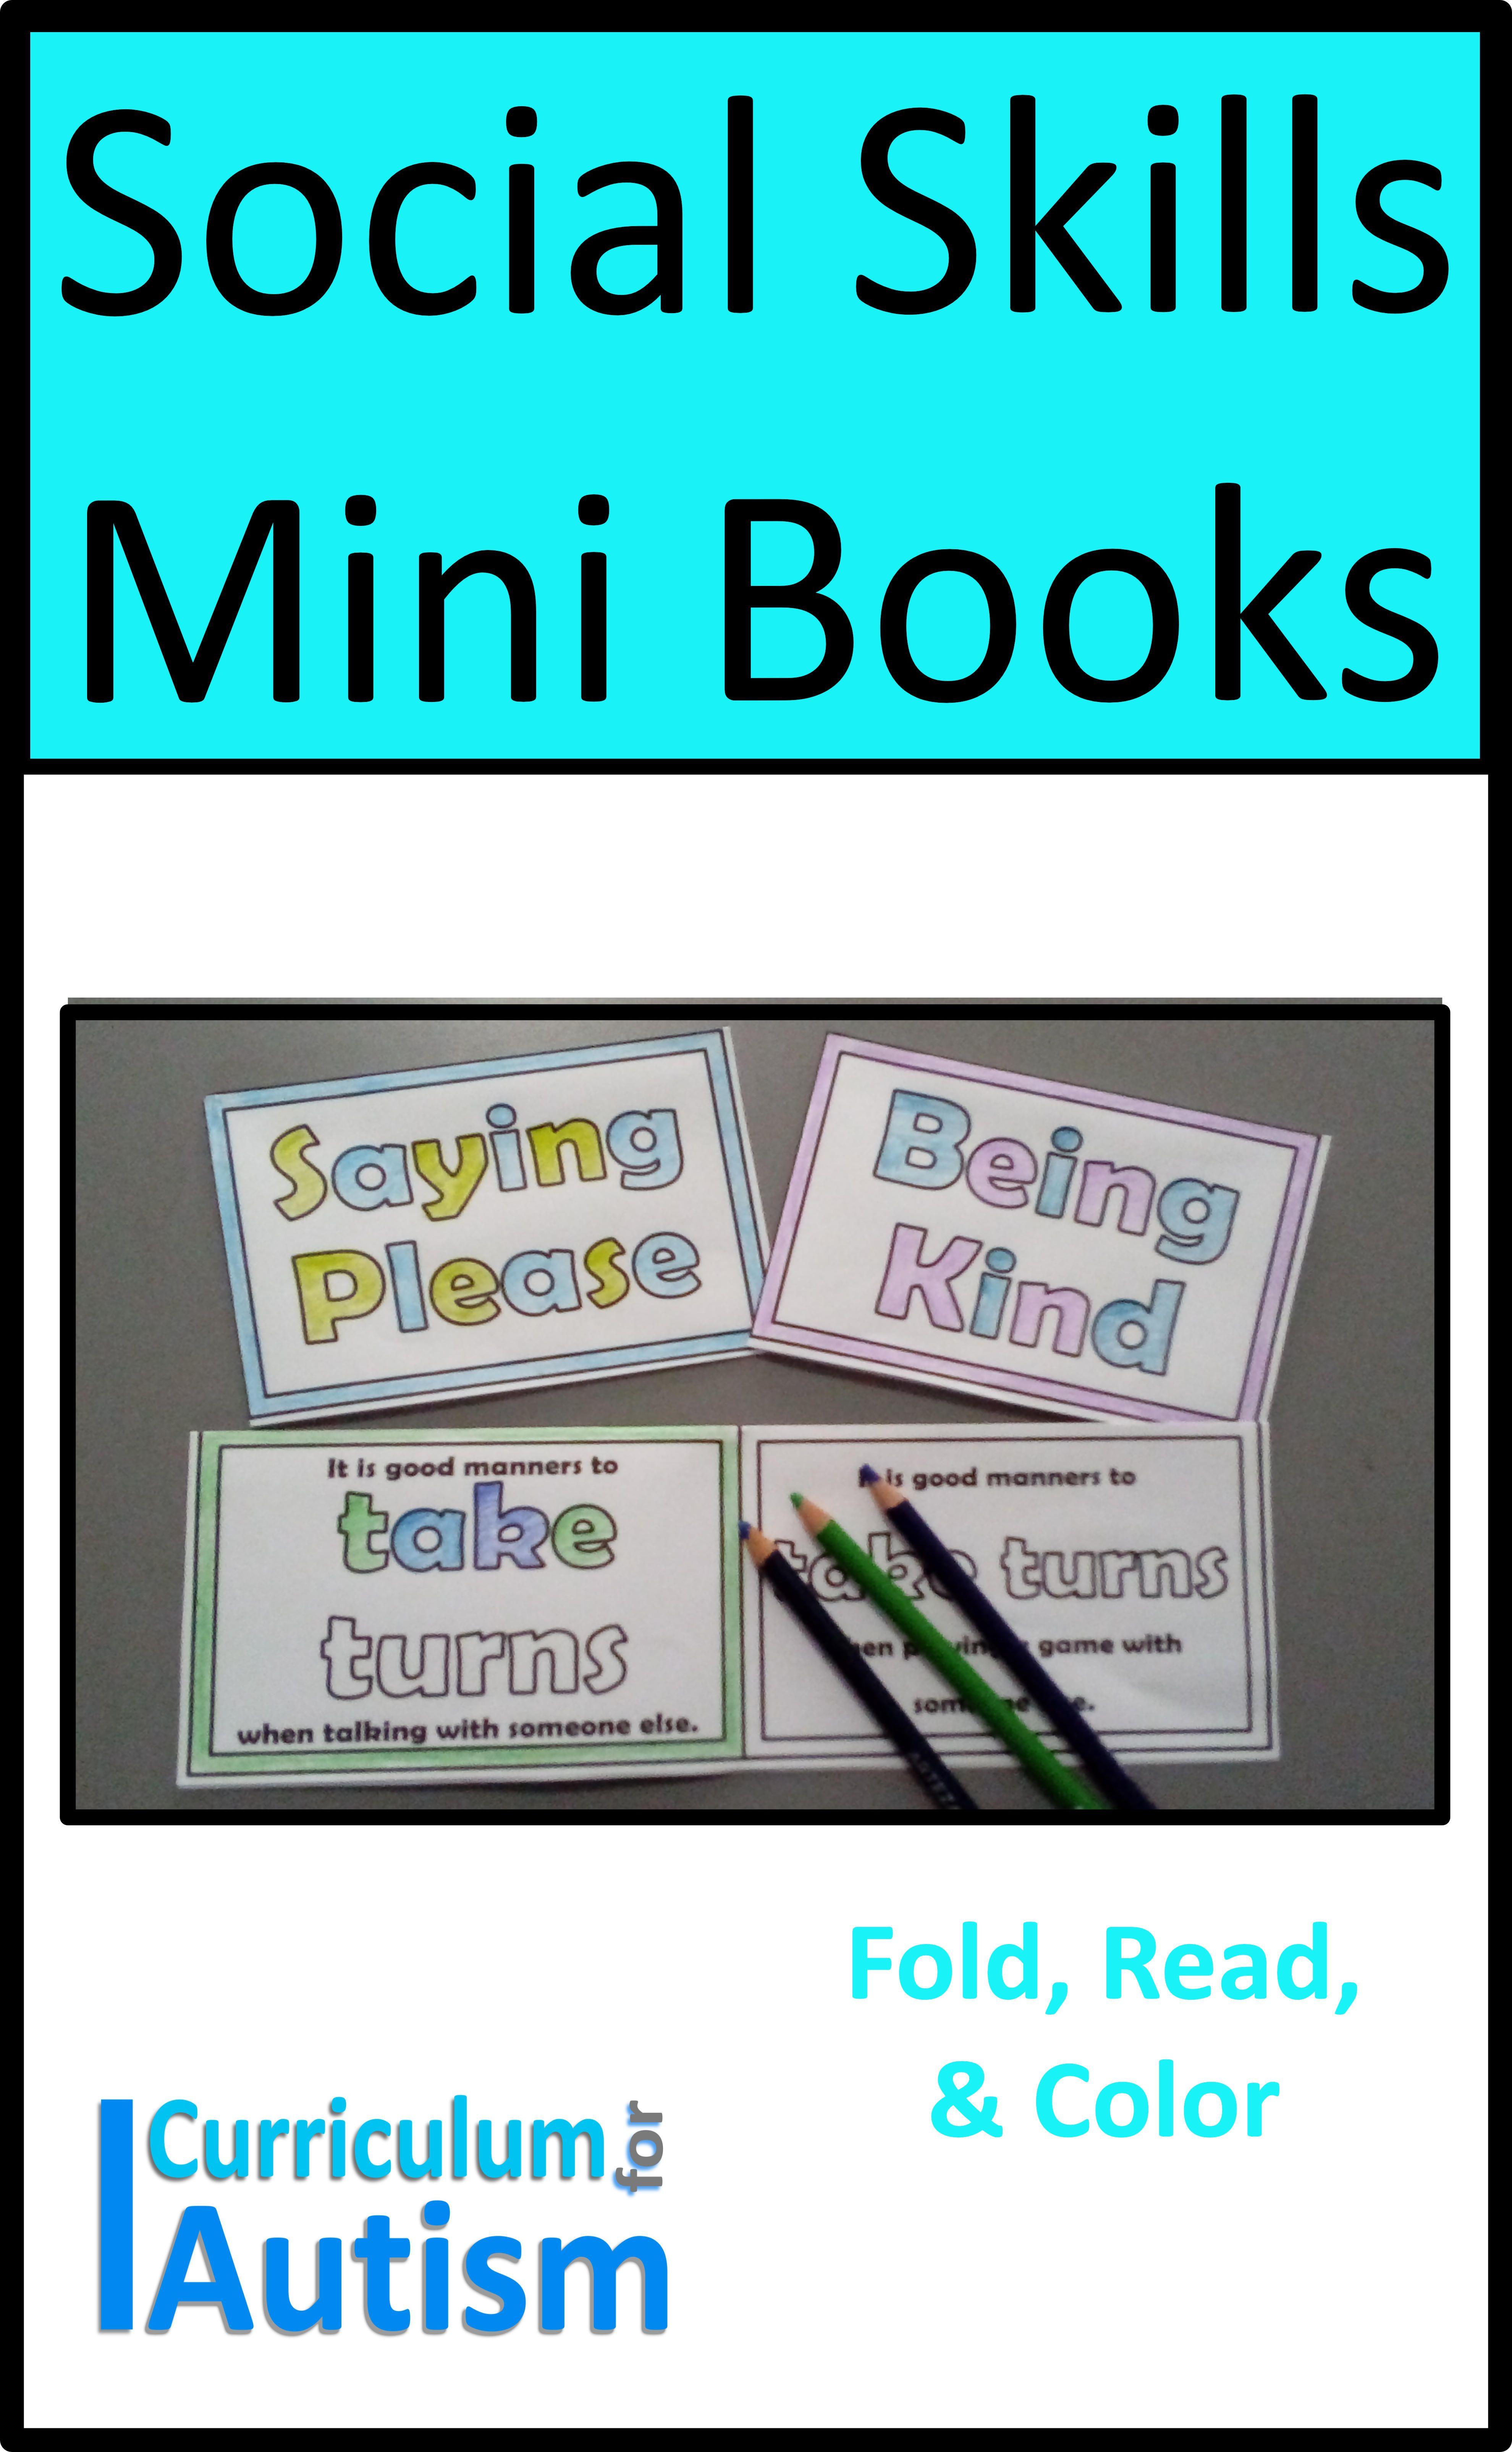 Social Skills Good Manners Mini Books